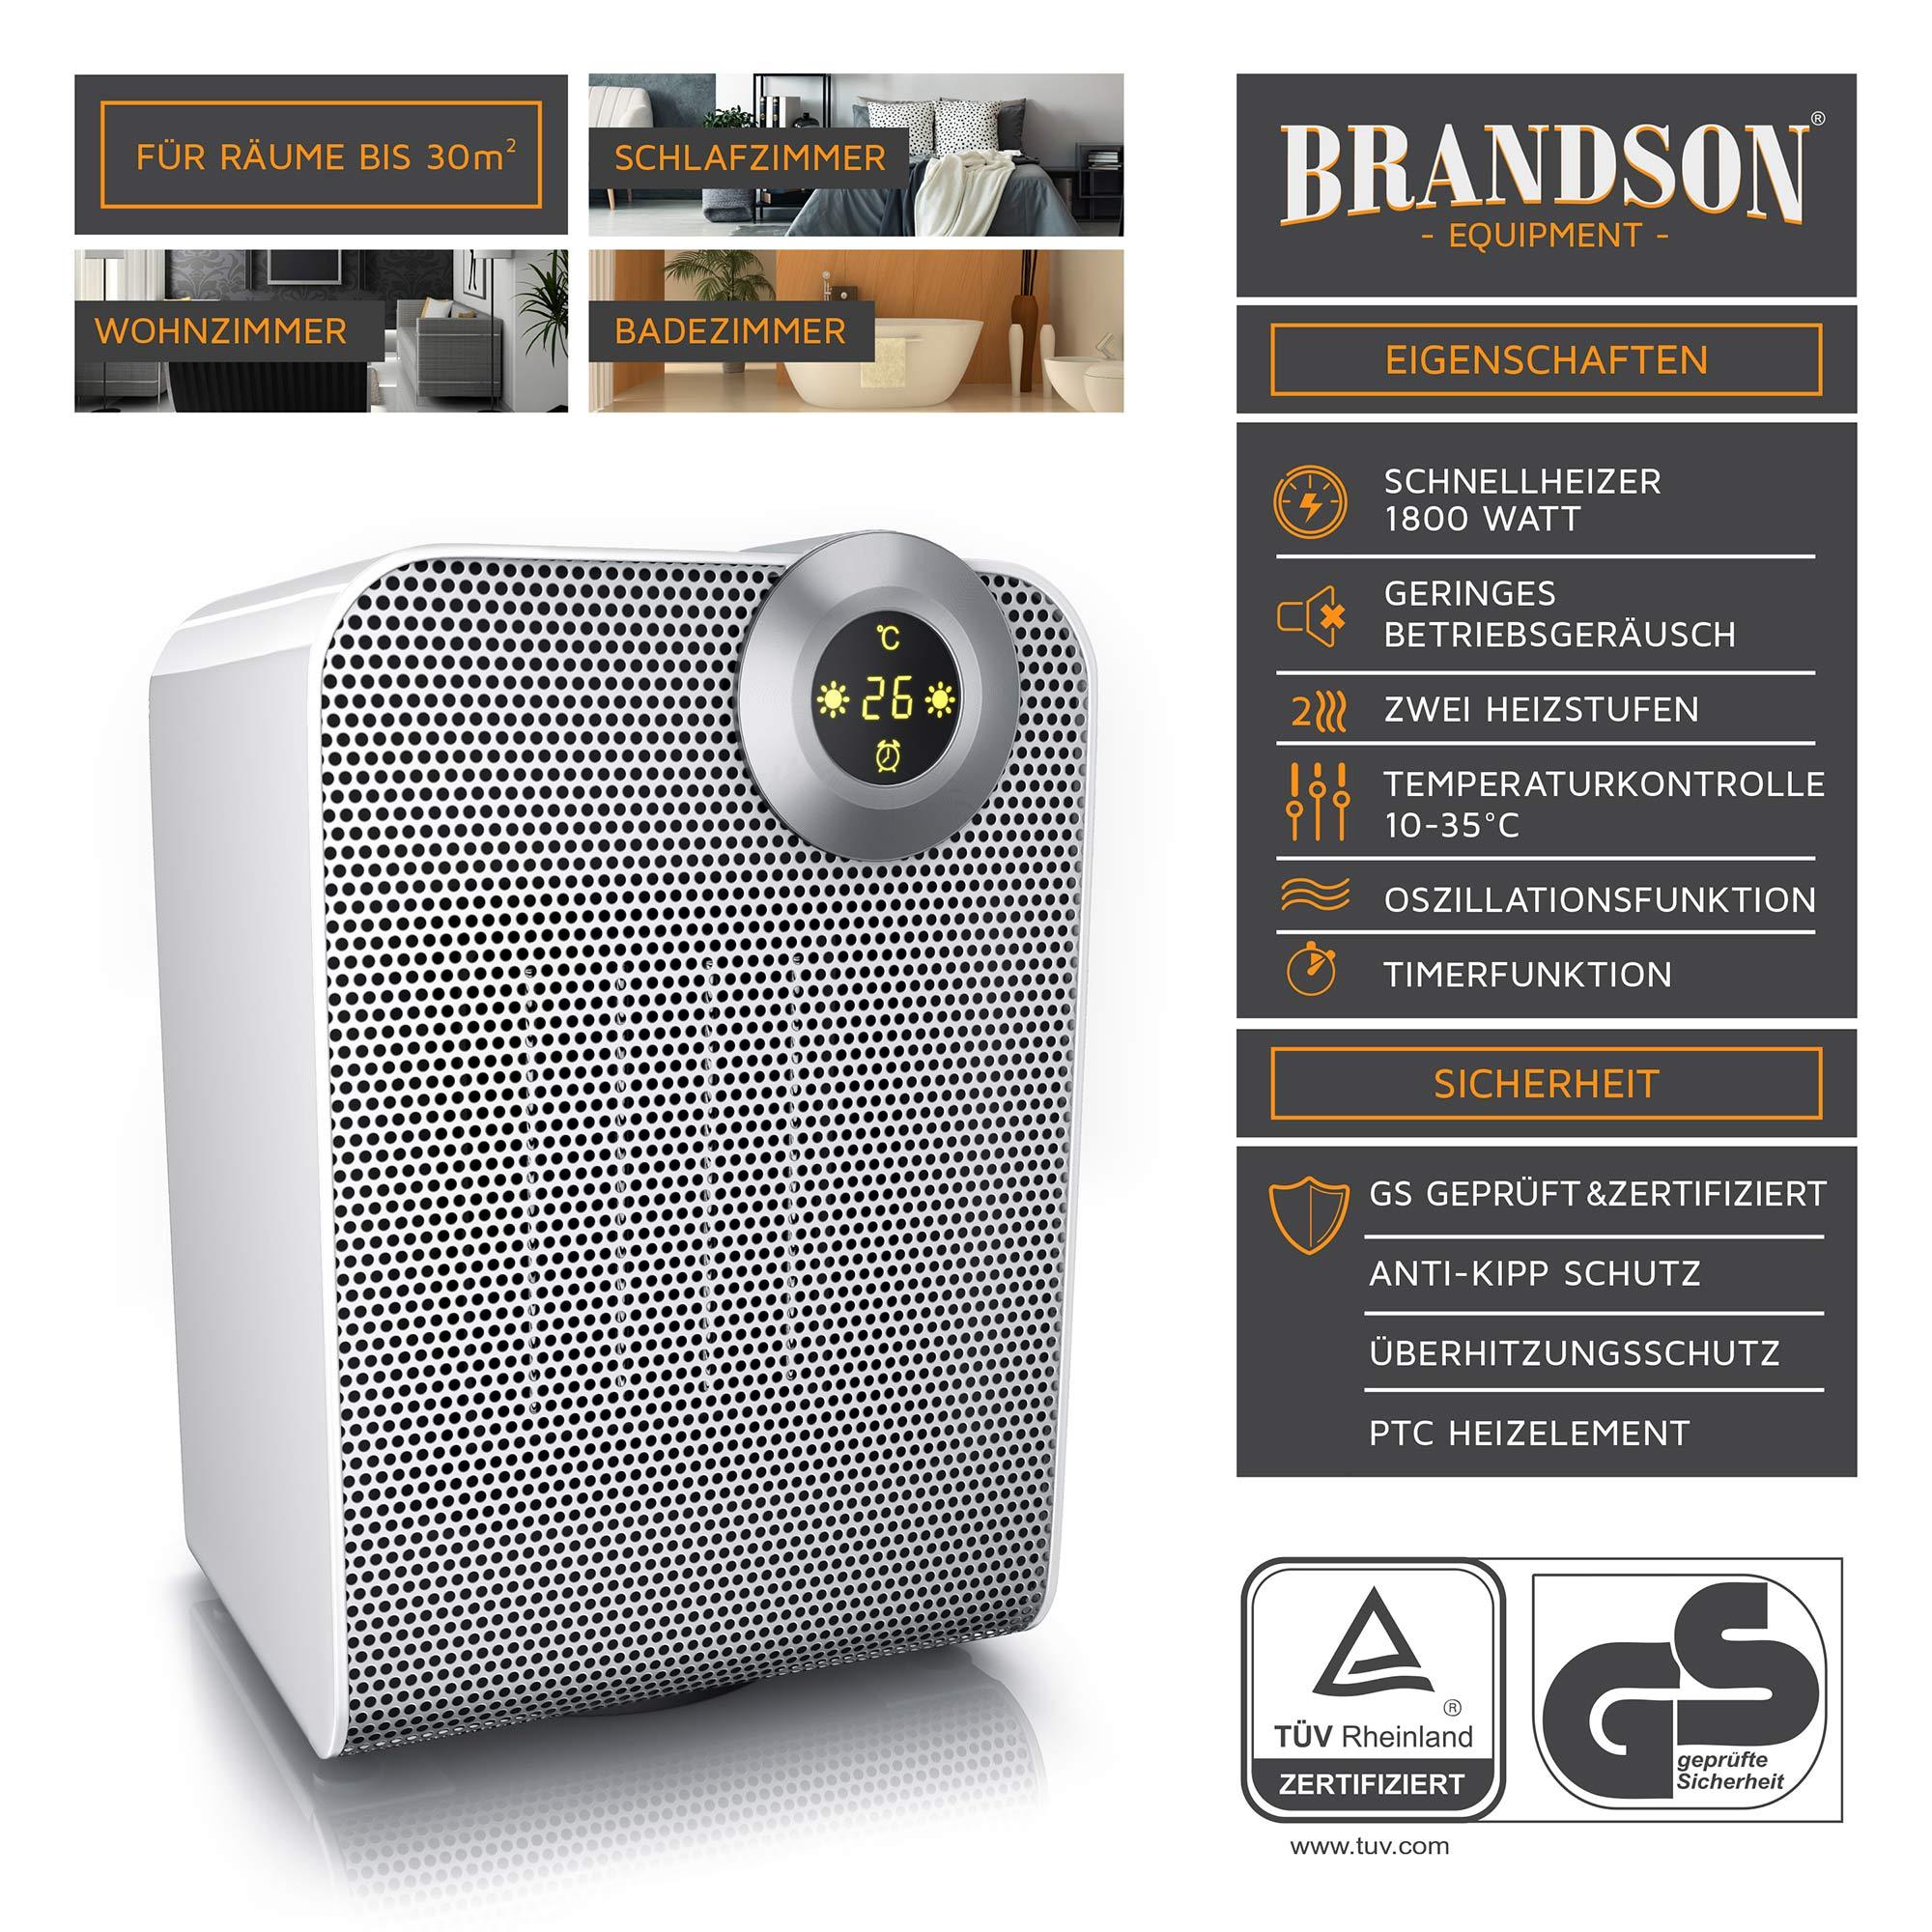 303320-ceramic-fan-heater-B-grafik.jpg